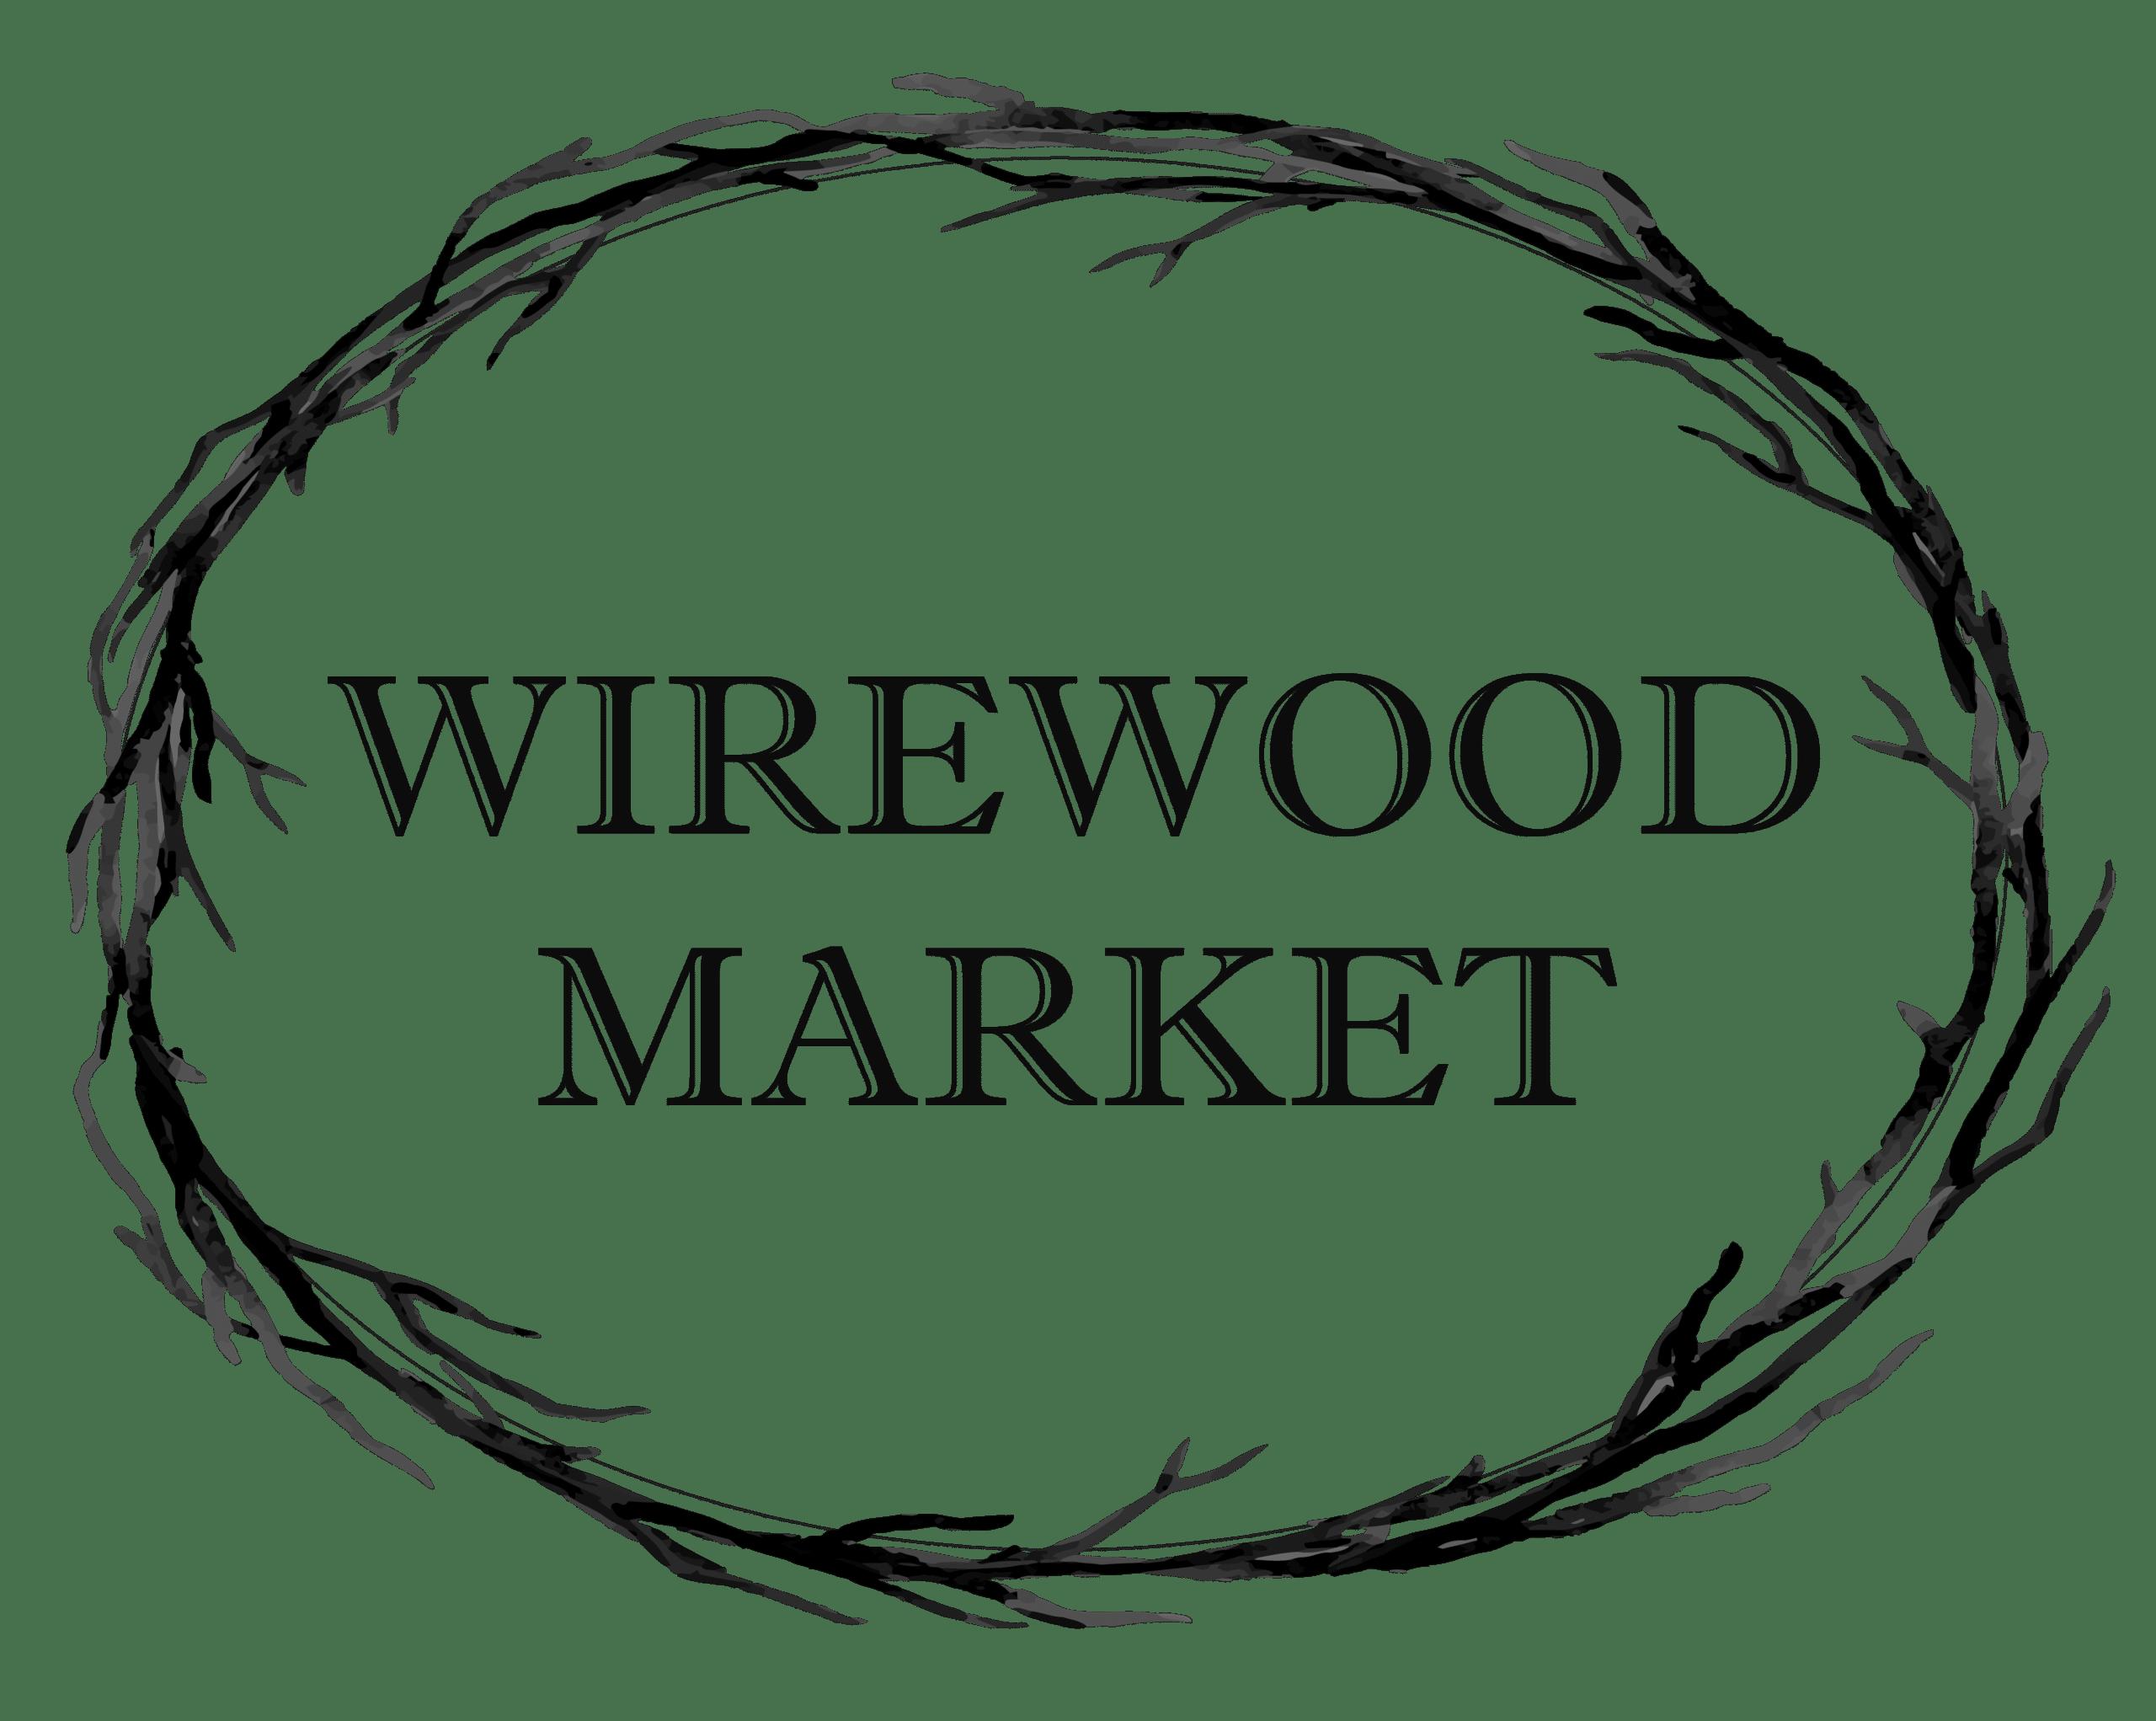 Wirewood Market